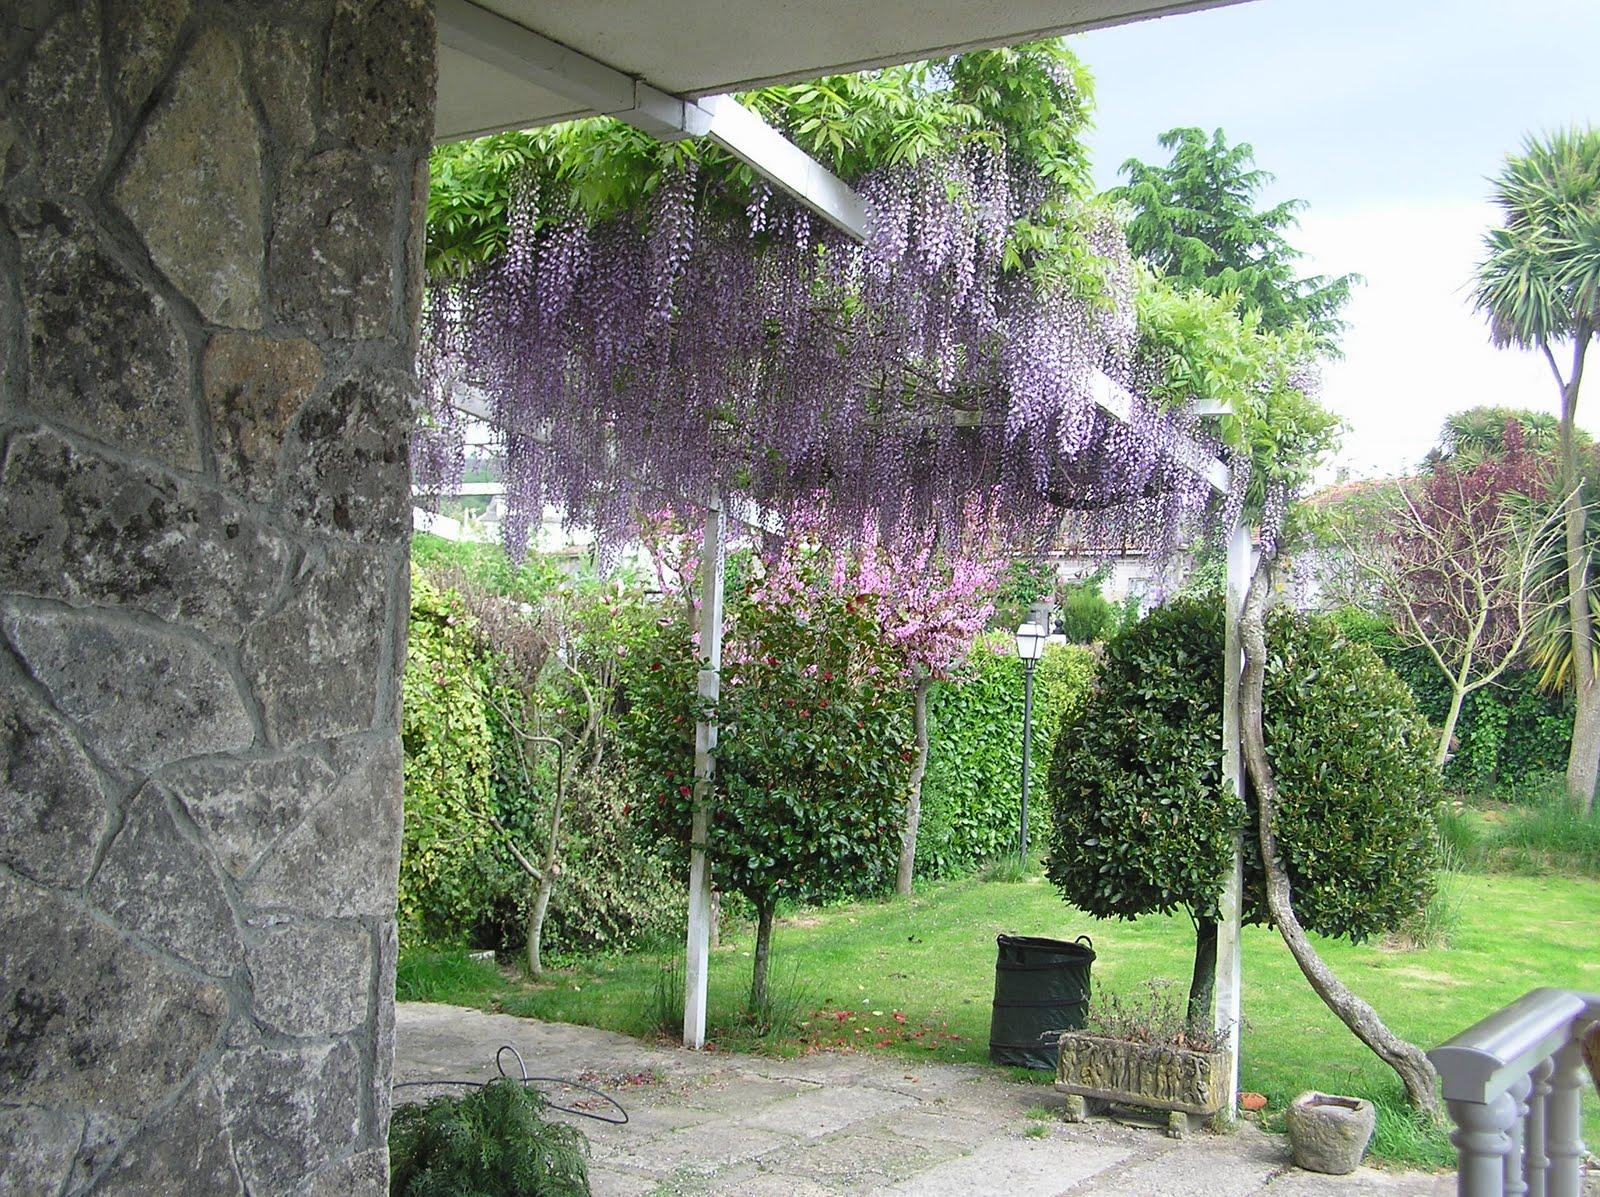 Fotos de jardines y plantas espectaculares jard n y for Imagenes de terrazas